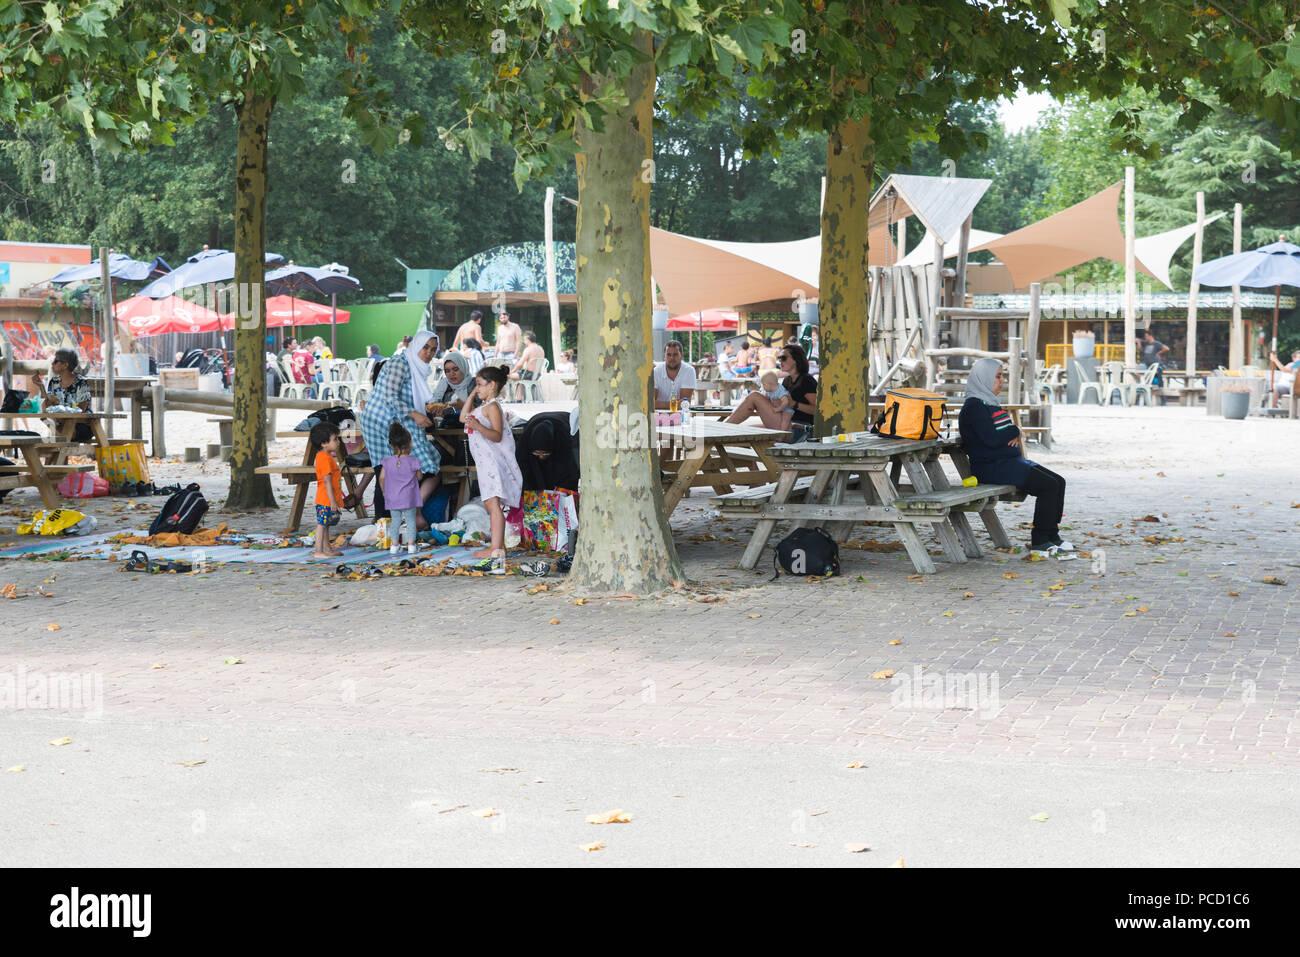 Hilvarenbeek,Olanda,28-07-2018:persone provenienti da culture diverse gustare snack e drink sulla terrazza del parco dei divertimenti di beek bergen,questo è uno dei più grandi parchi di divertimenti in Olanda Immagini Stock